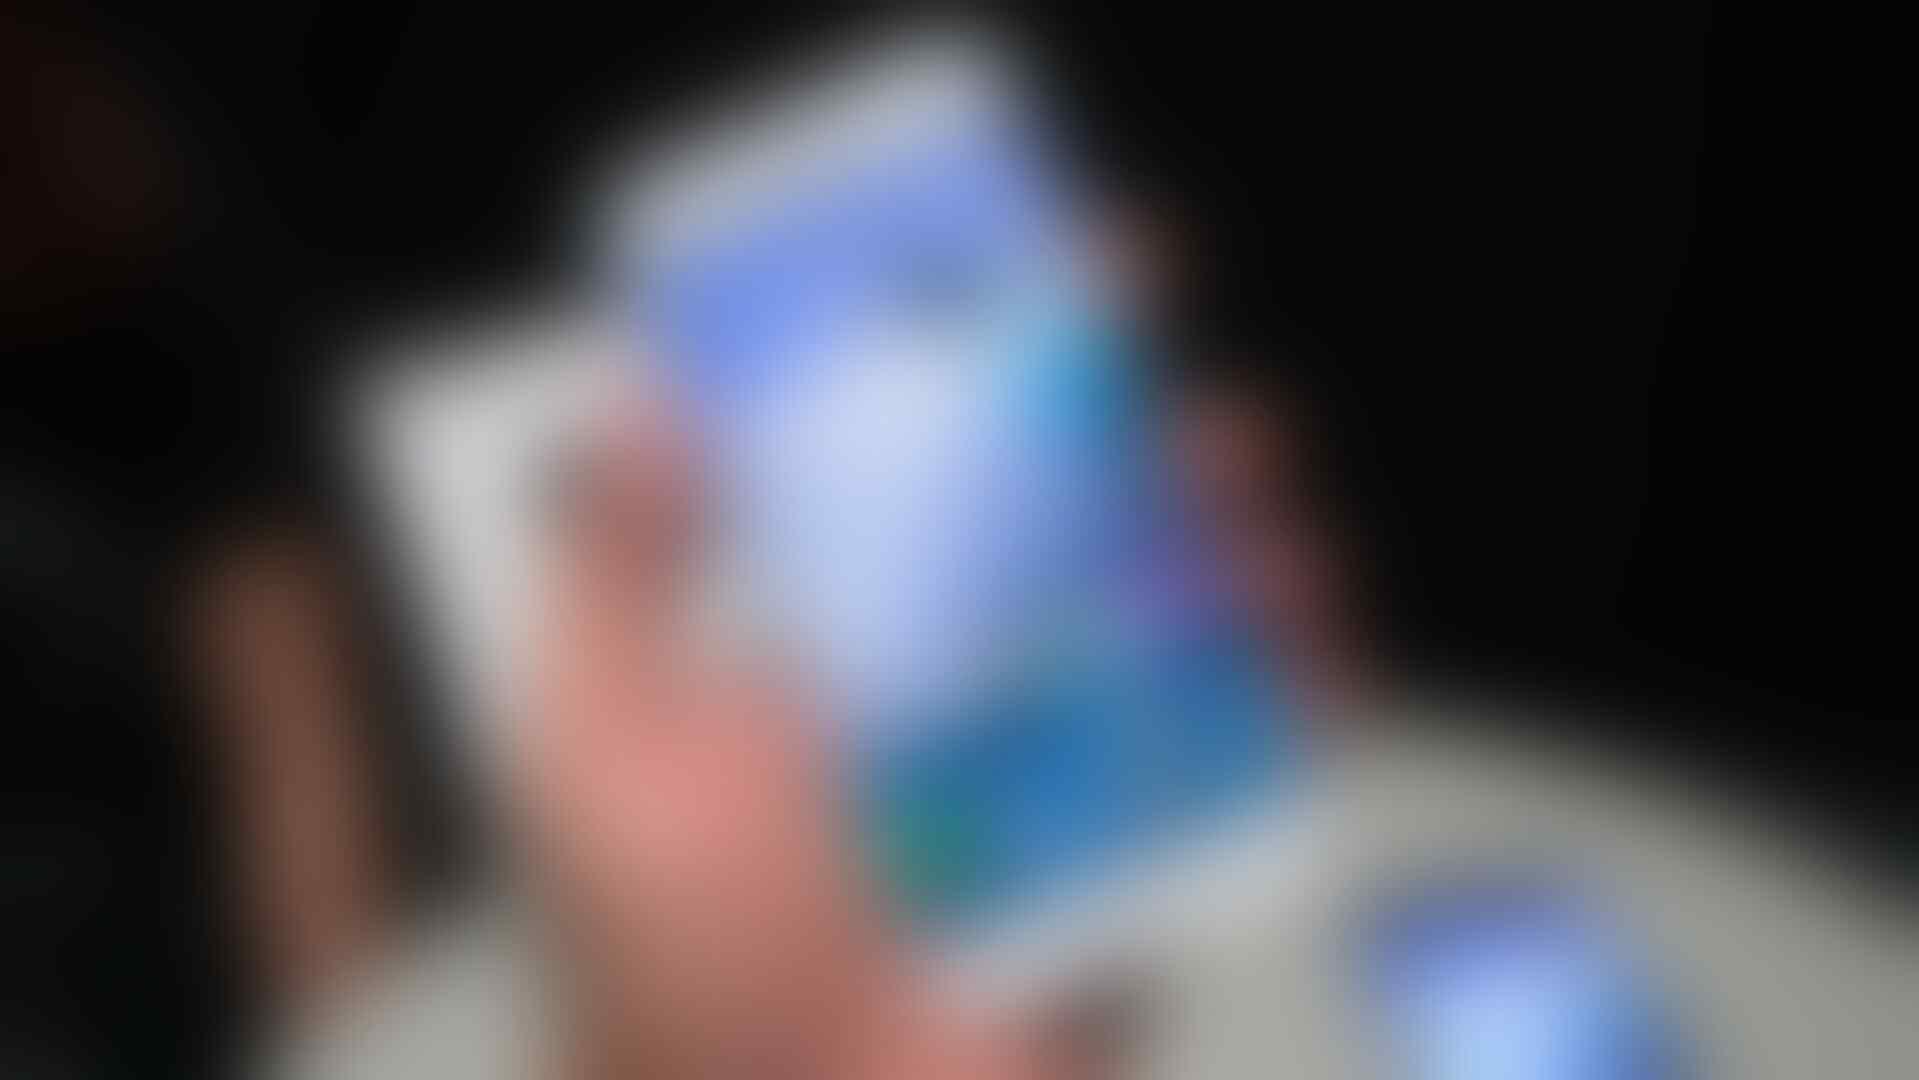 Siap Disiksa, 5 Rekomendasi Smartphone Tangguh denganSnapdragon 835